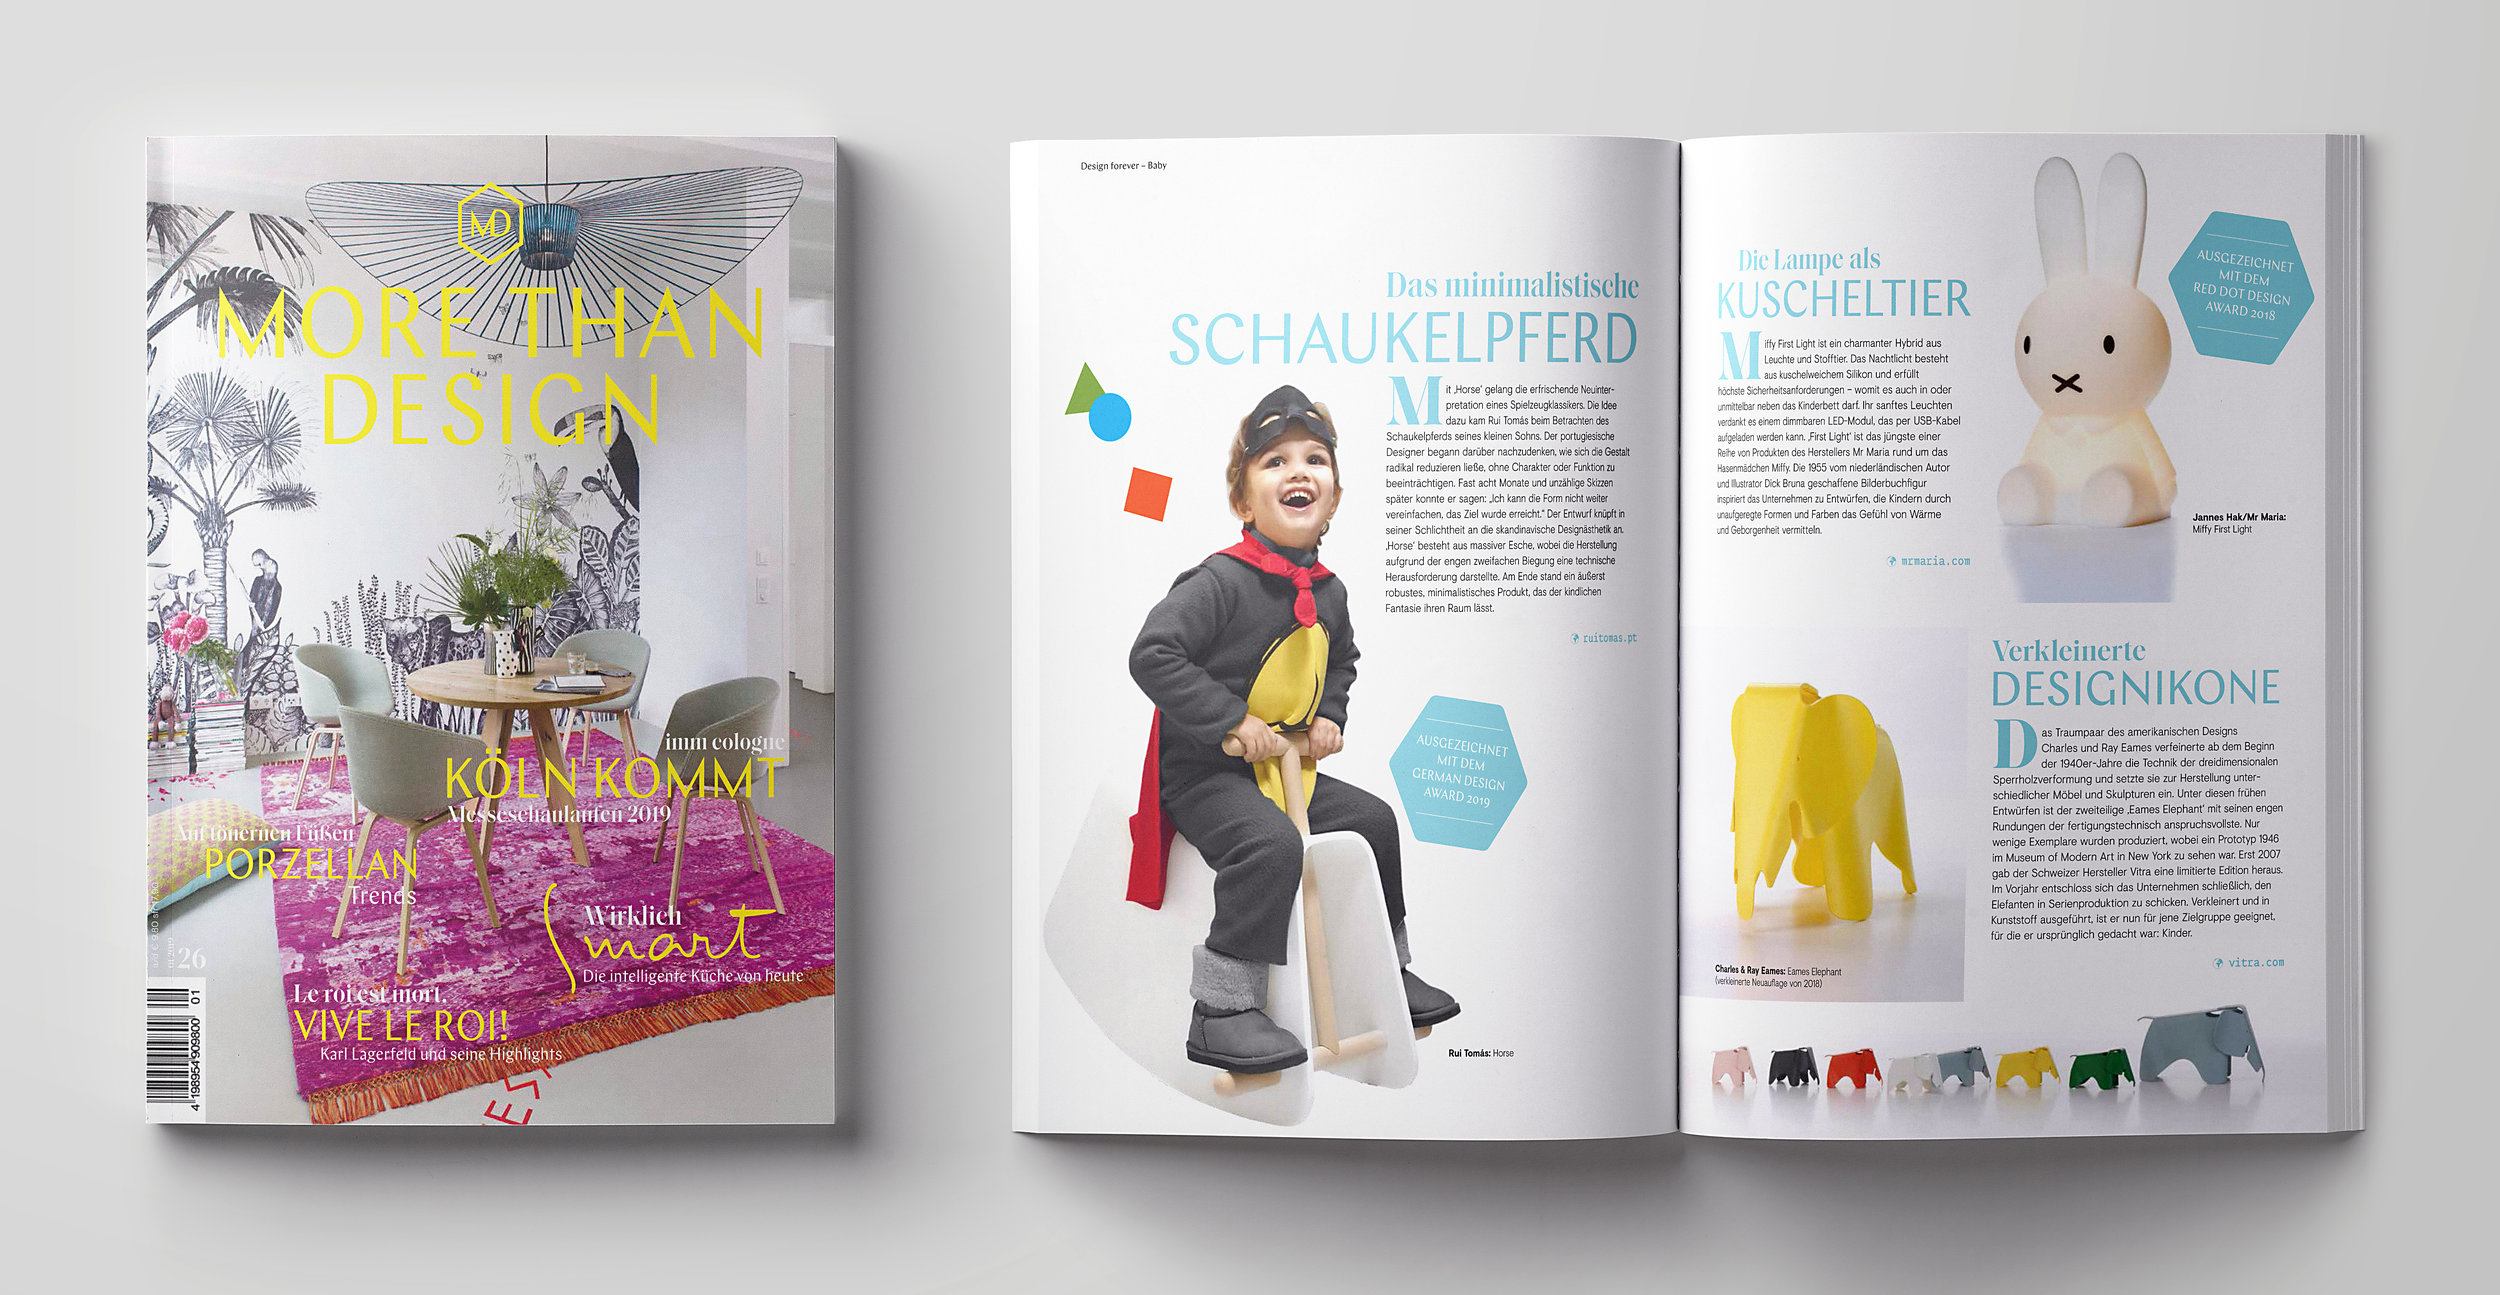 Horse design by Rui Tomás.jpg